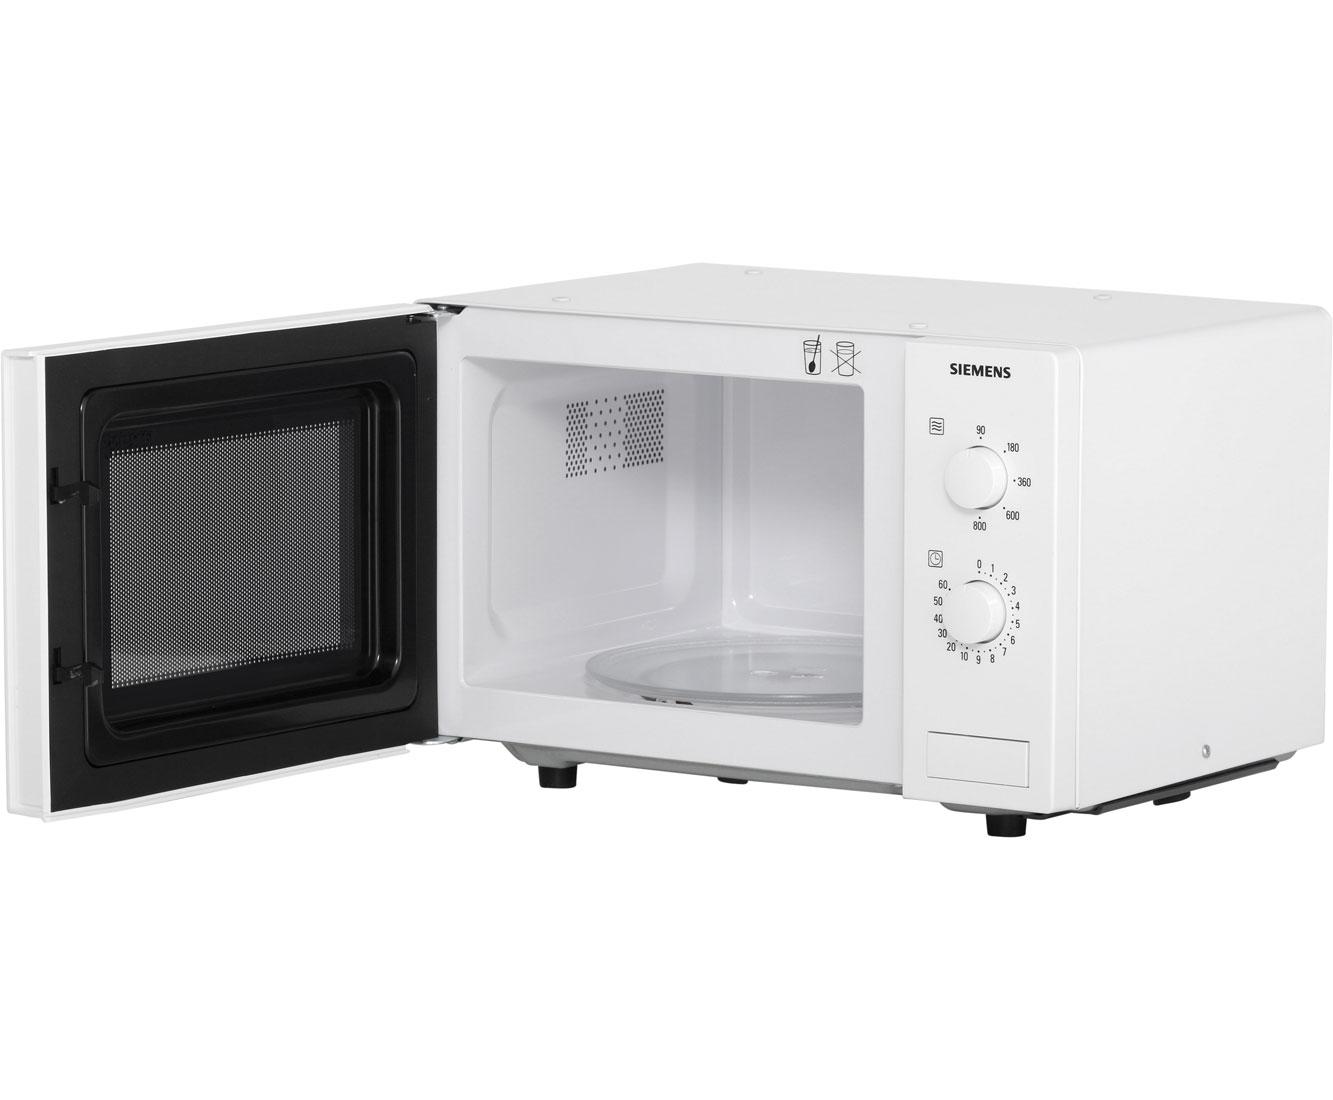 Siemens HF12M240 Mikrowelle iQ300 Freistehend Weiß Neu